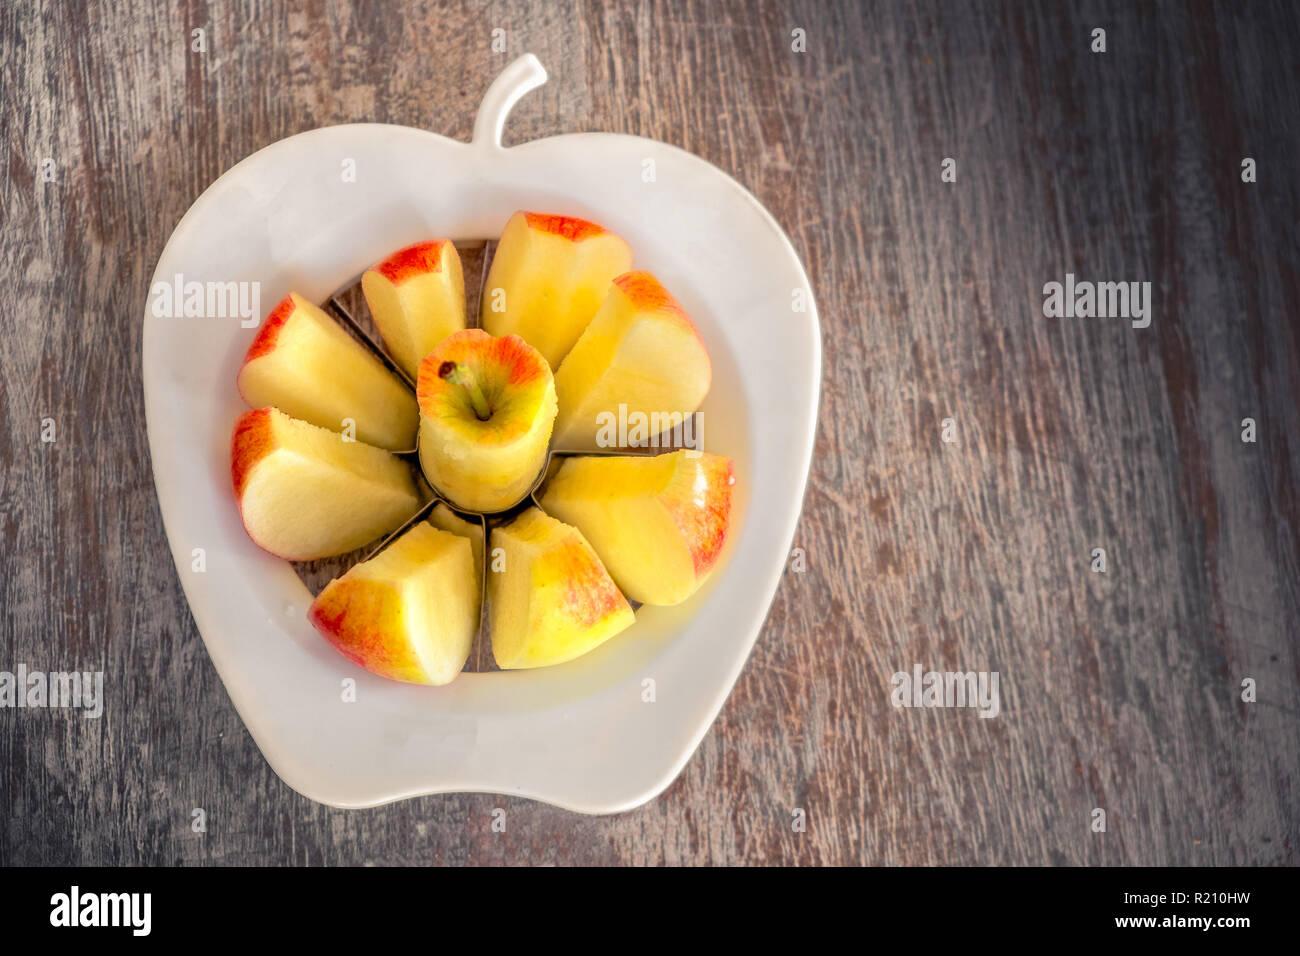 apple slices clean eating background apple corer slicer - Stock Image